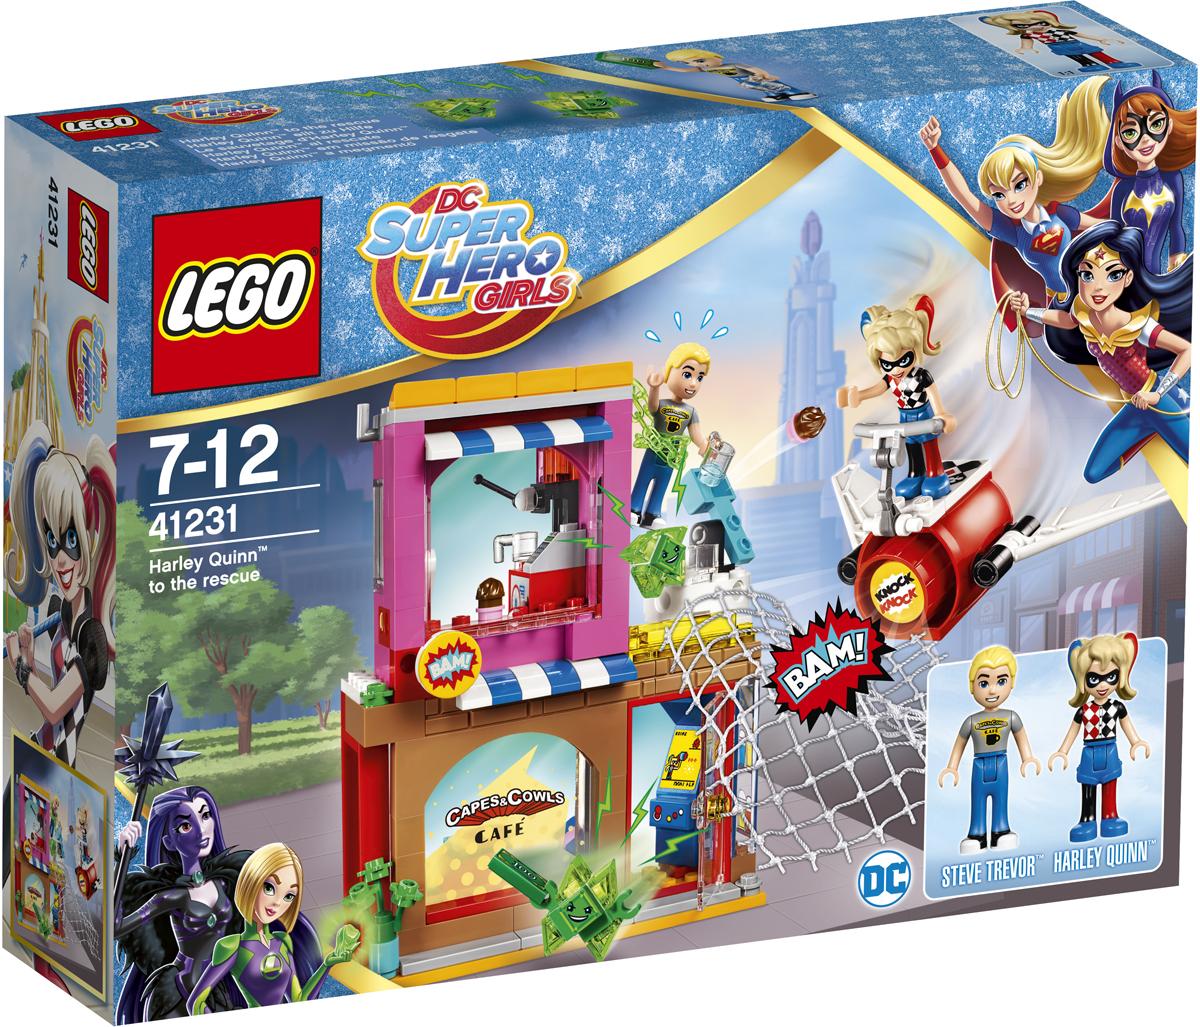 LEGO DC Super Hero Girls Конструктор Харли Квинн спешит на помощь 4123141231Помогите! Вредные зелёные Криптомиты ворвались в кафе, заперли Стива Тревора на крыше и пытаются взломать сейф! Скорее мчись на помощь на реактивном самолёте Харли Квинн! Уклоняйся от пирожных, которыми швыряются Криптомиты, и поскорее набрось на них сеть, чтобы они не сбежали. Победу можешь отпраздновать, съев аппетитную пиццу, и не забудь проверить, на месте ли секретный комикс!